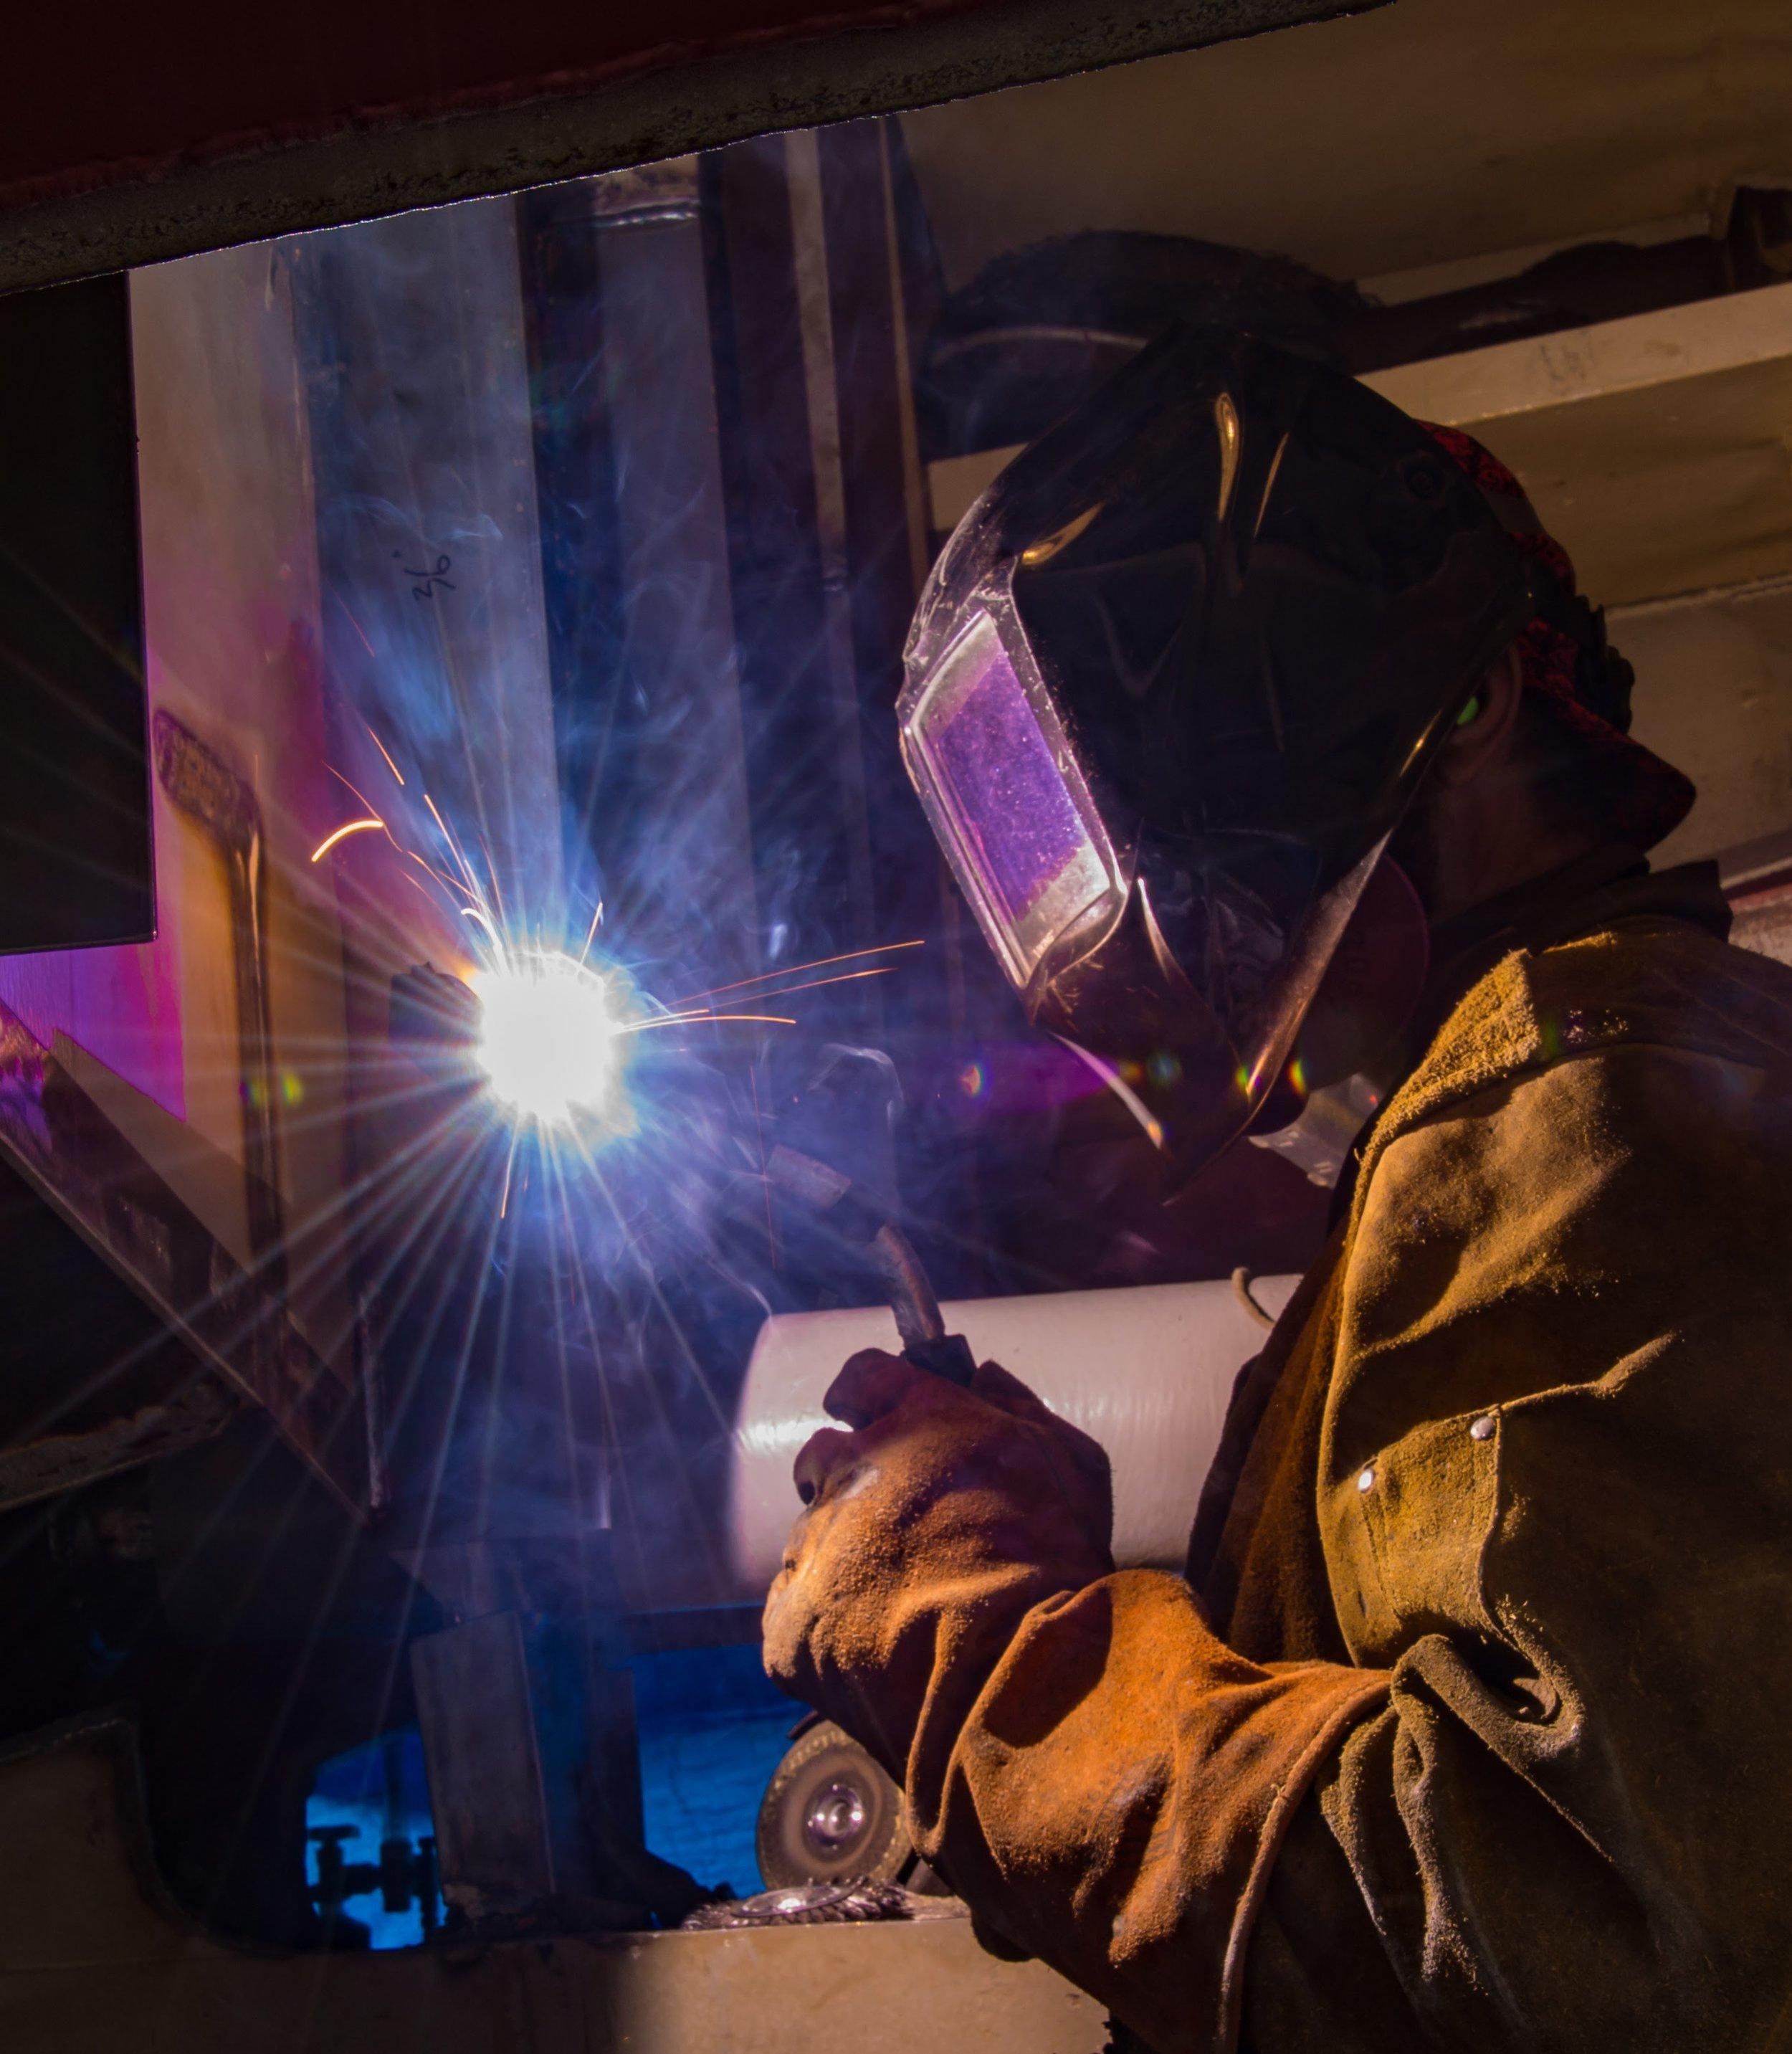 Metalwork San Francisco Bay Area